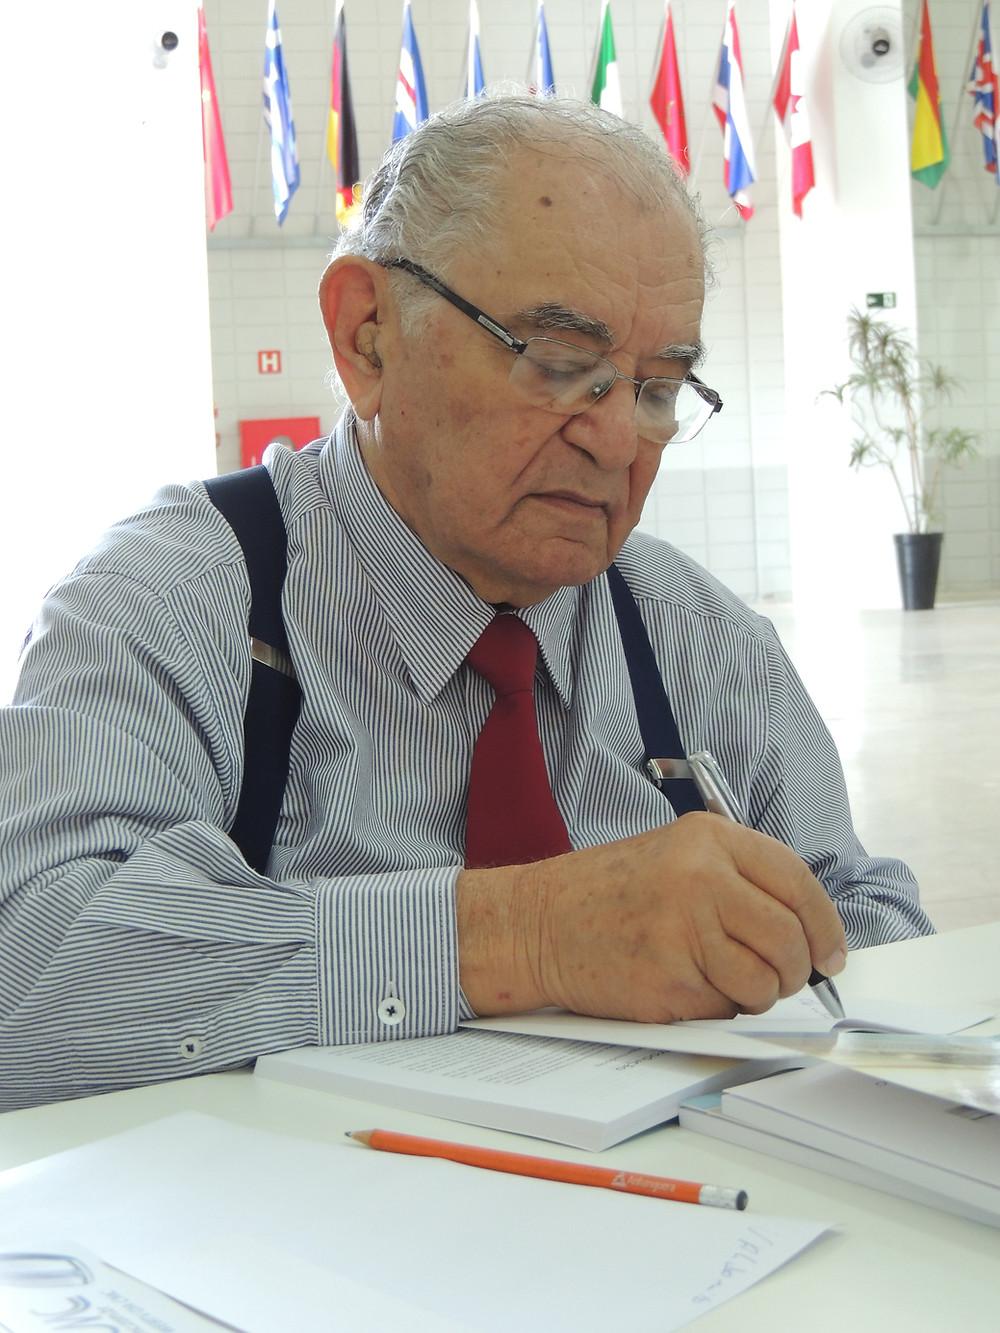 Abílio Pinheiro Chagas no lançamento do livro Evangelismo, da Série Formação de Líderes, em 2016